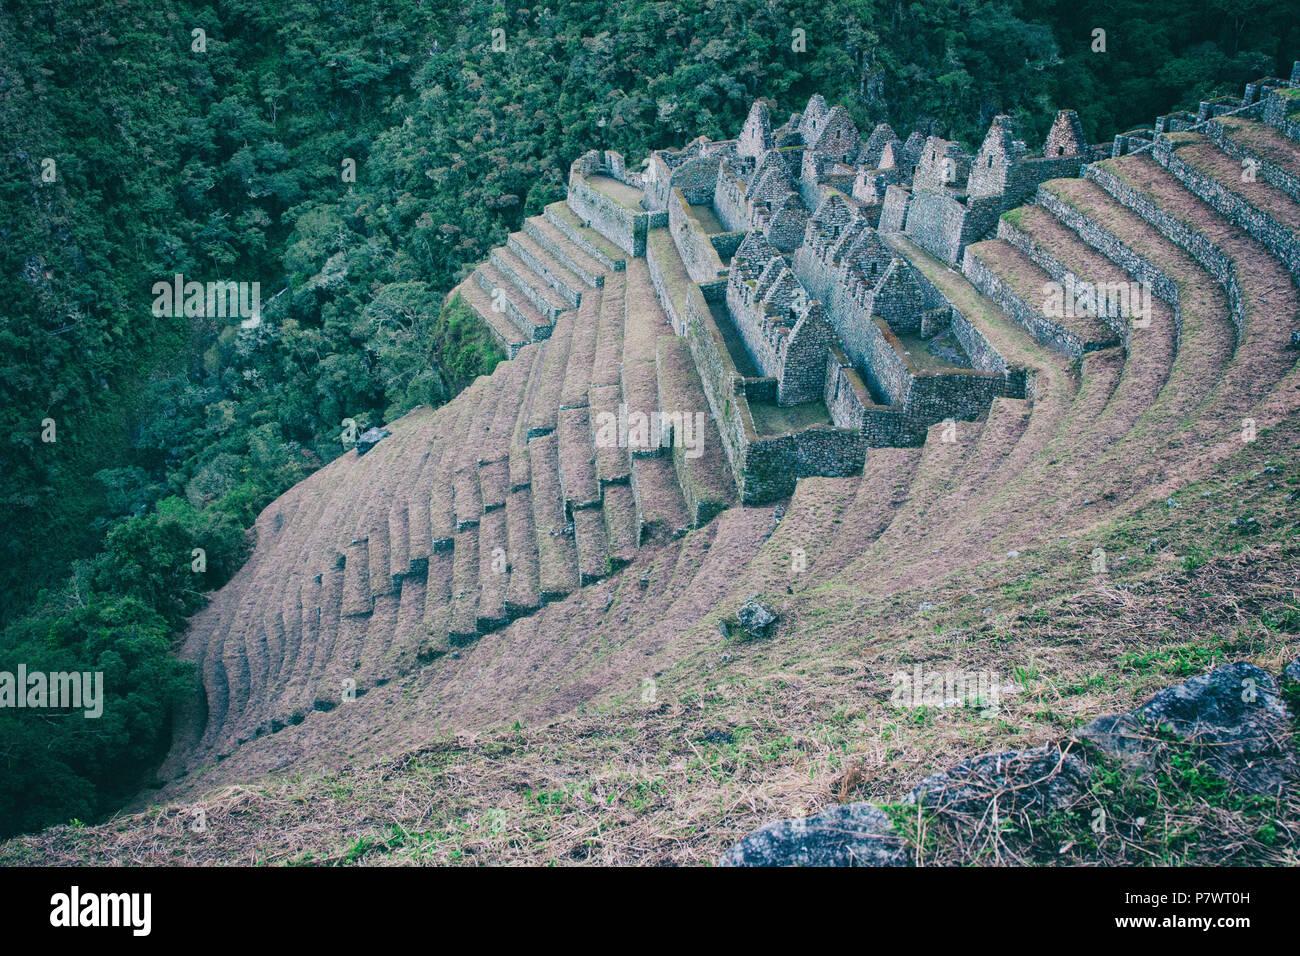 Antiguas Ruinas Incas Y Terrazas De Cultivo Visto Desde El